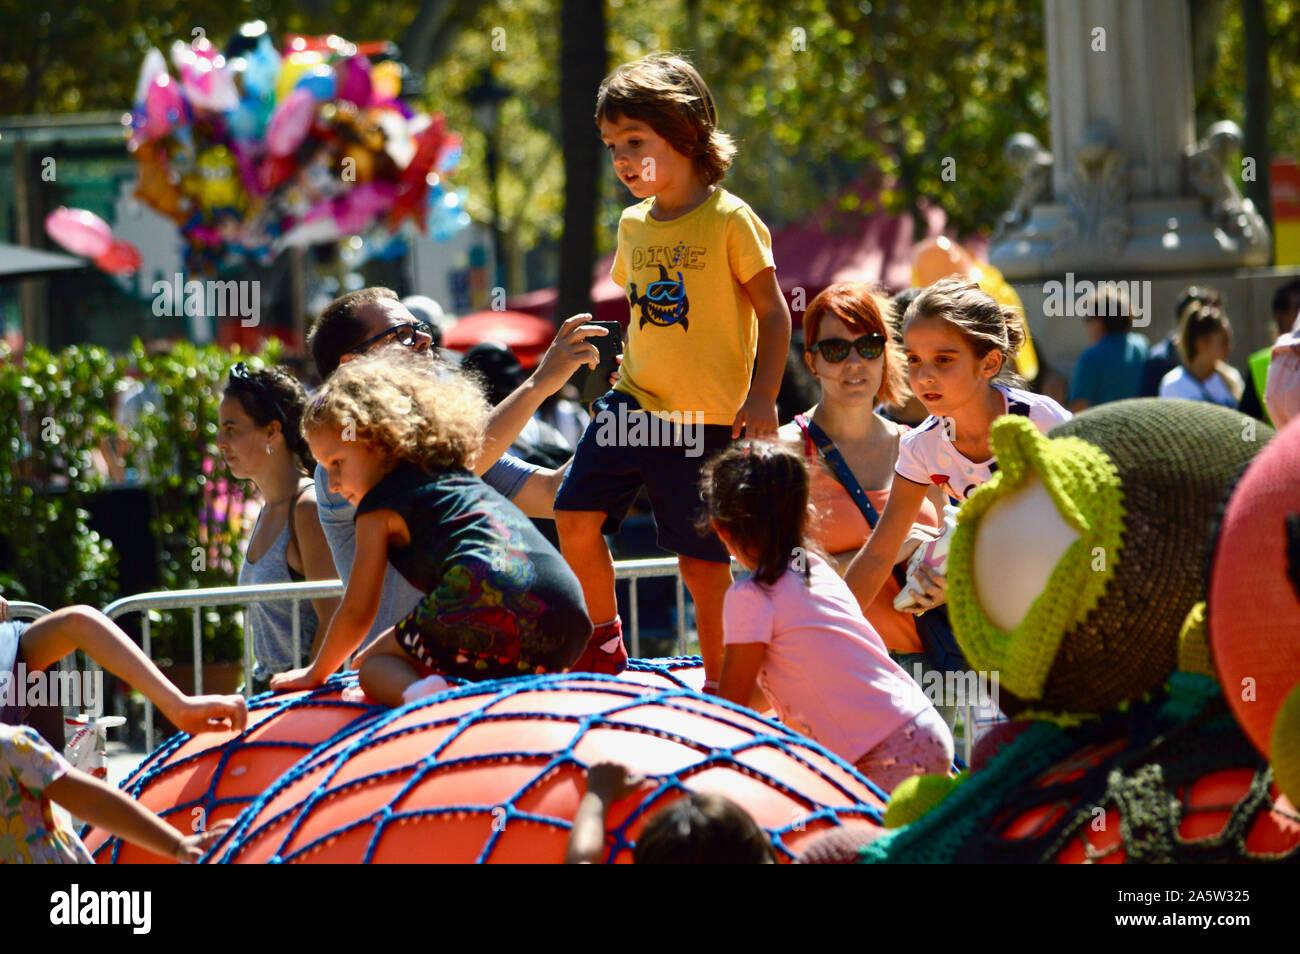 Les enfants jouent au parc Ciutadella durant la Merce 2019 à Barcelone, Espagne Banque D'Images